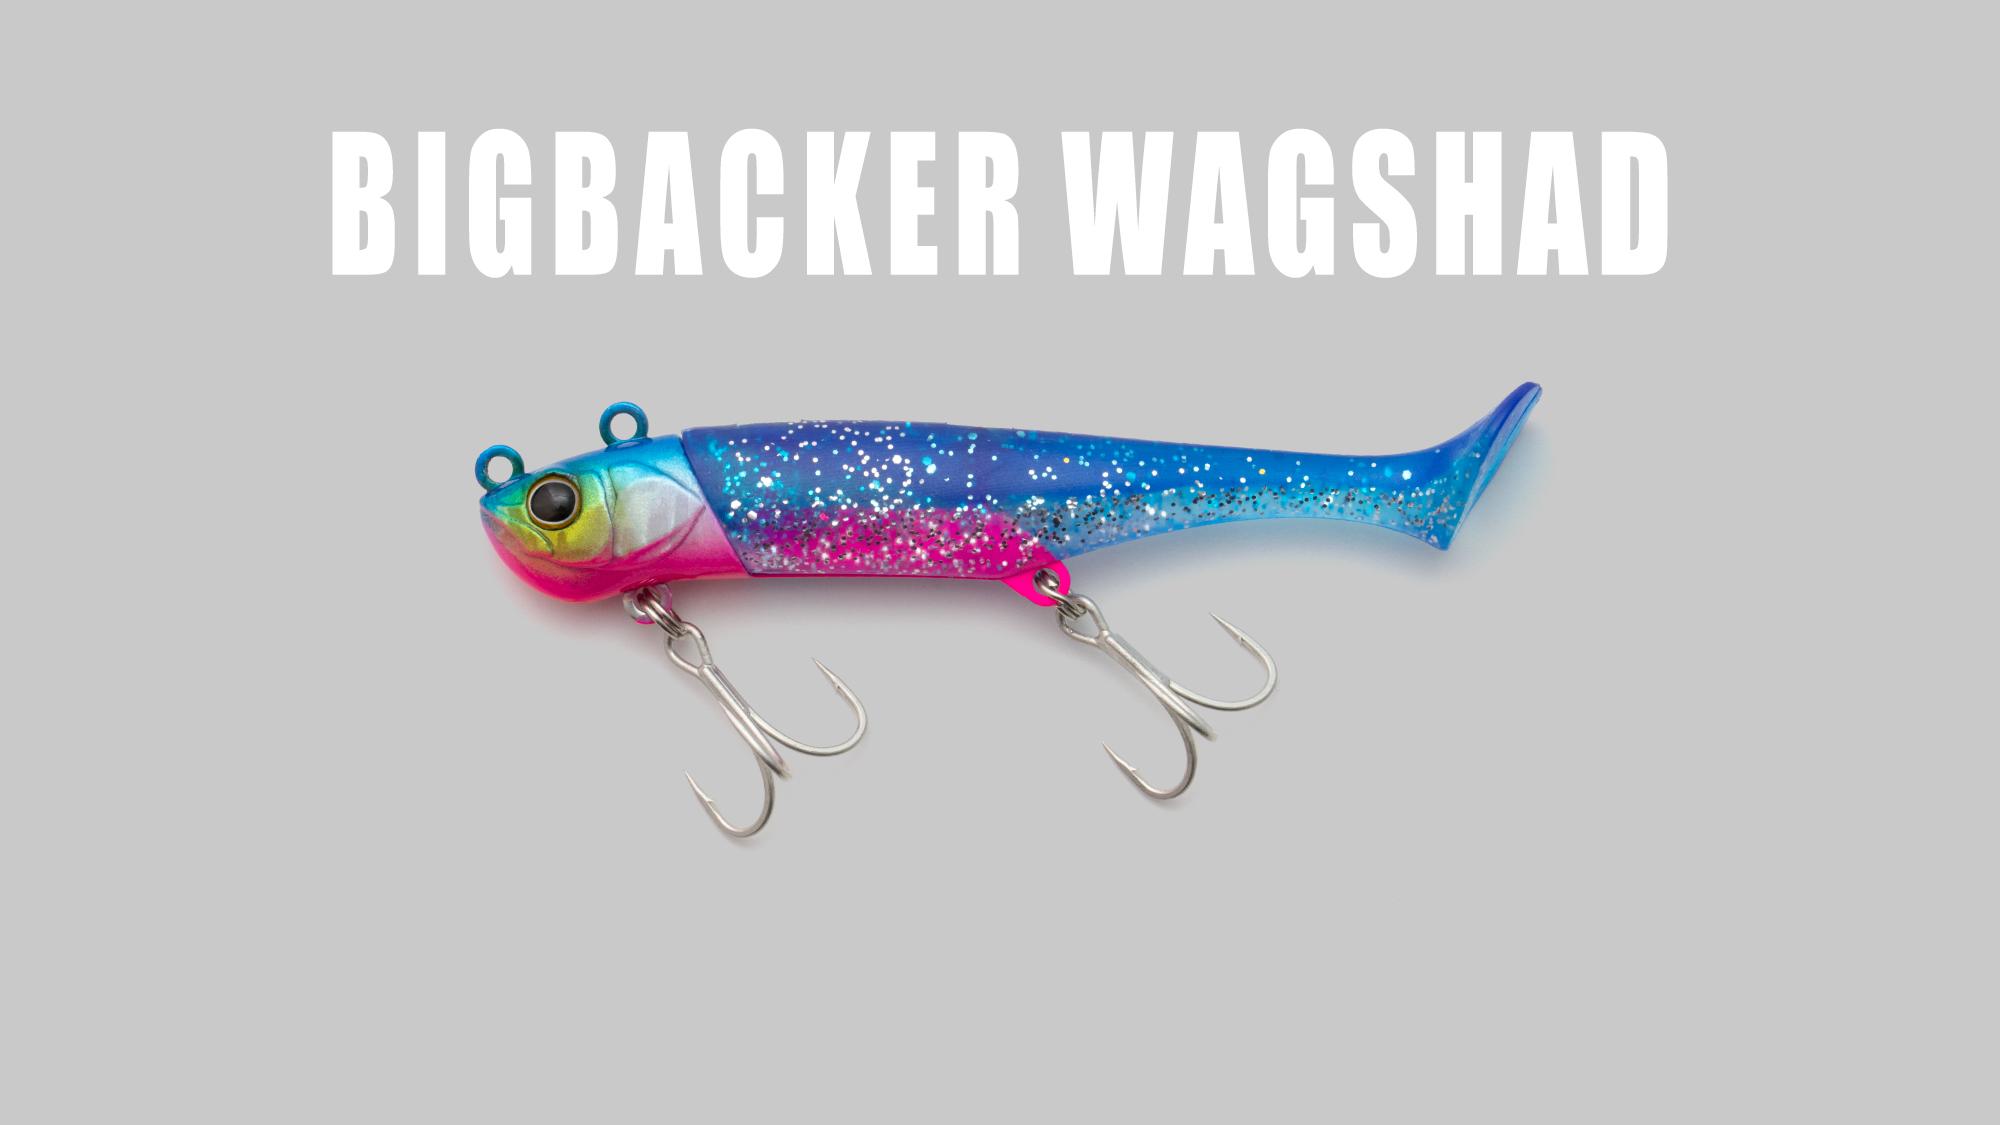 ビッグバッカー ワグシャッド BIGBACKER WAGSHAD / ビッグバッカー ワグシャッド